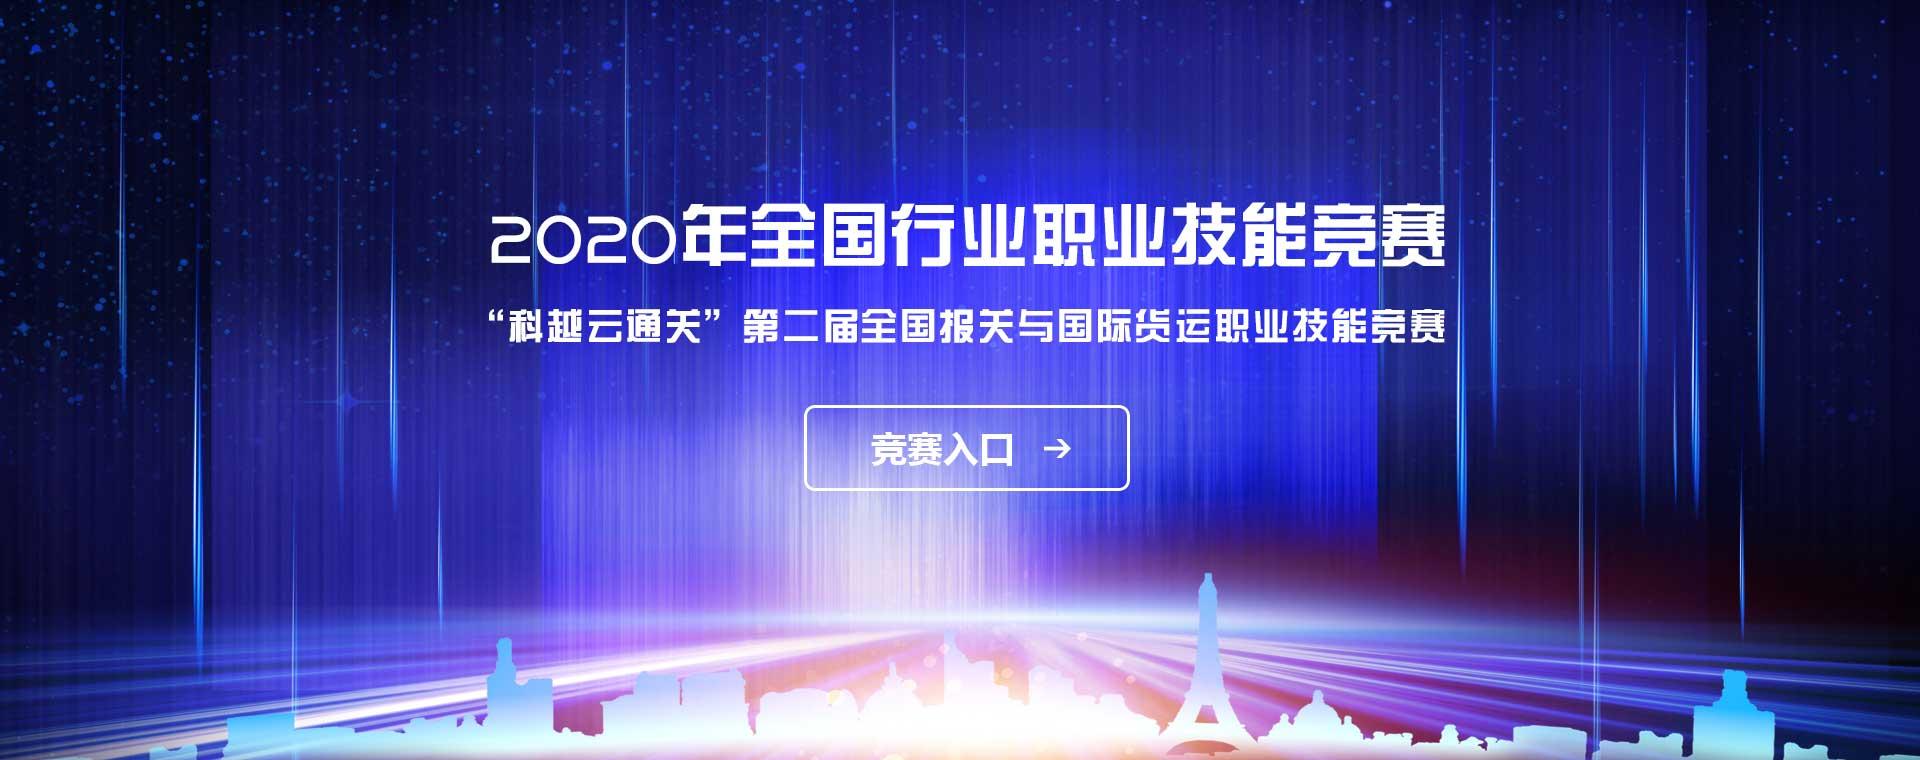 2020年全国行业职业技能竞赛-科越云通关第二届